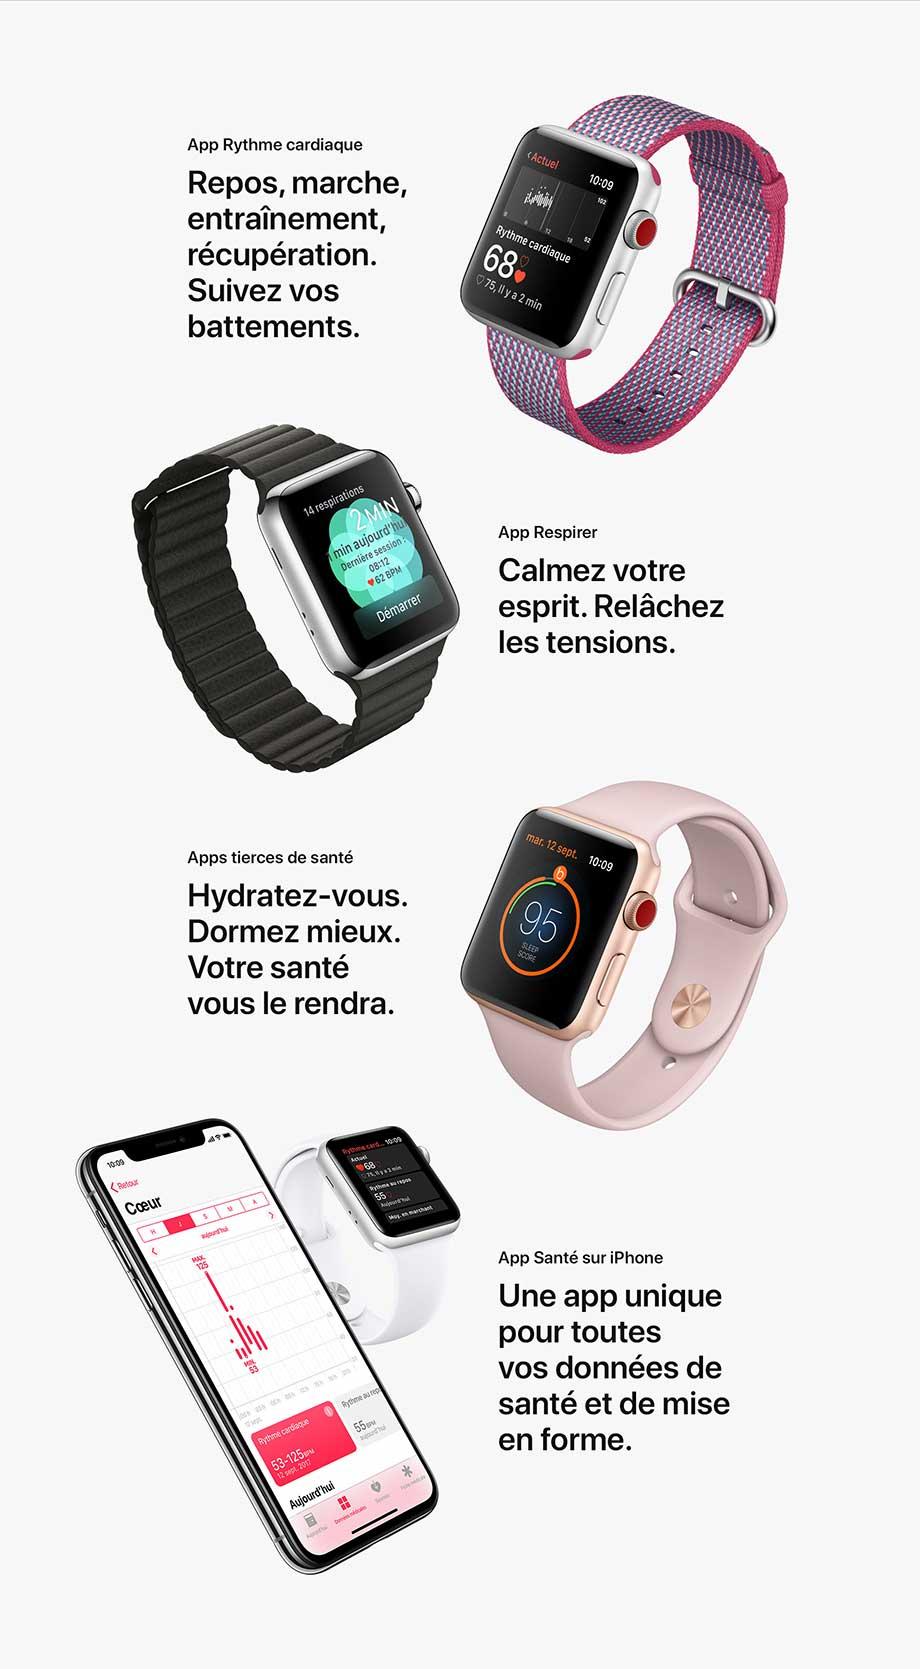 App Rythme cardiaque, App Respirer, Apps tierces de santé, App Santé sur iPhone